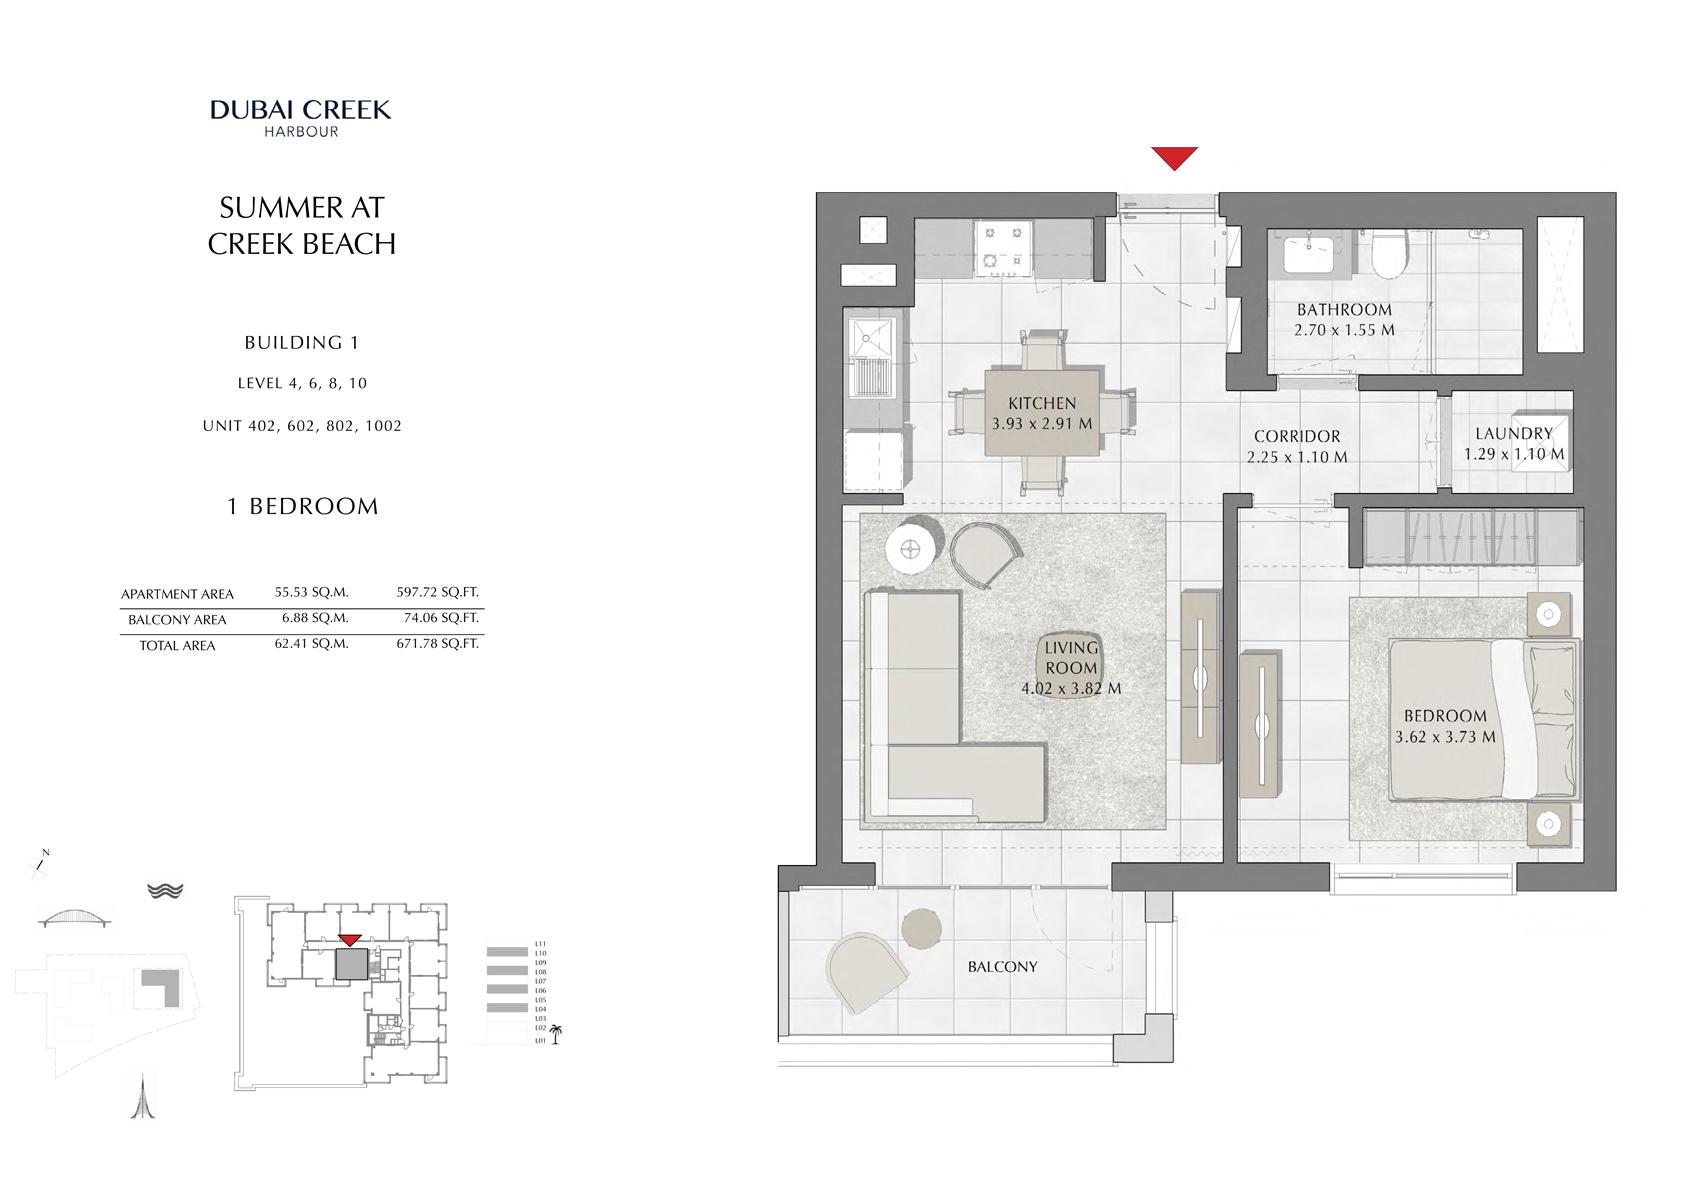 1 Br Building 1 Level-4-6-8-10 Unit 402-602-802-1002, Size 671 Sq Ft